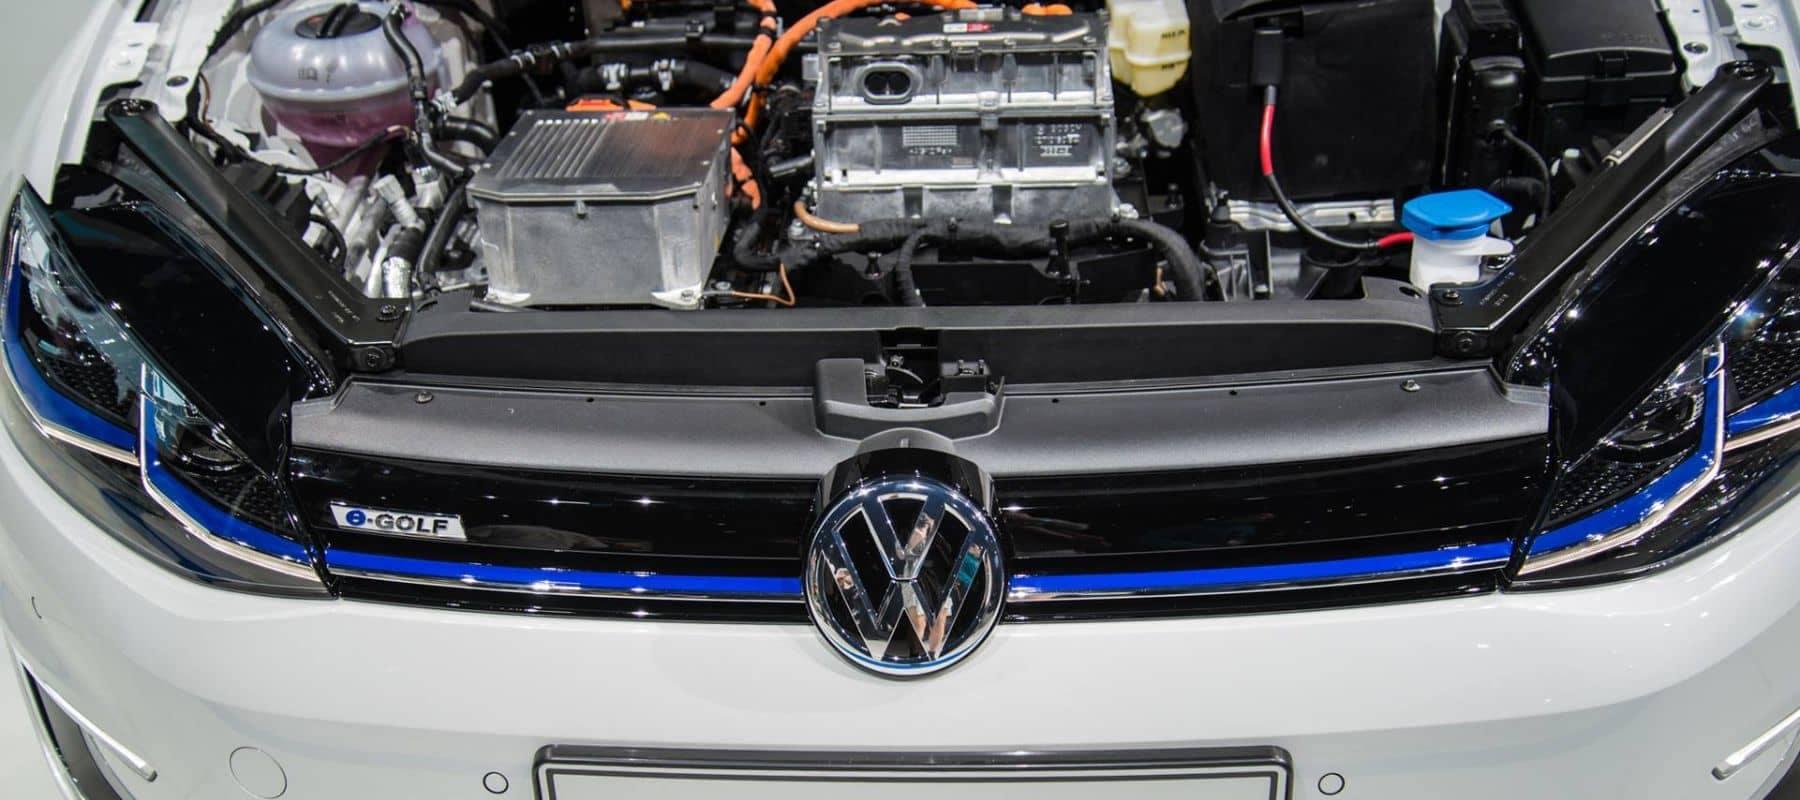 2019 VW Volkswagen